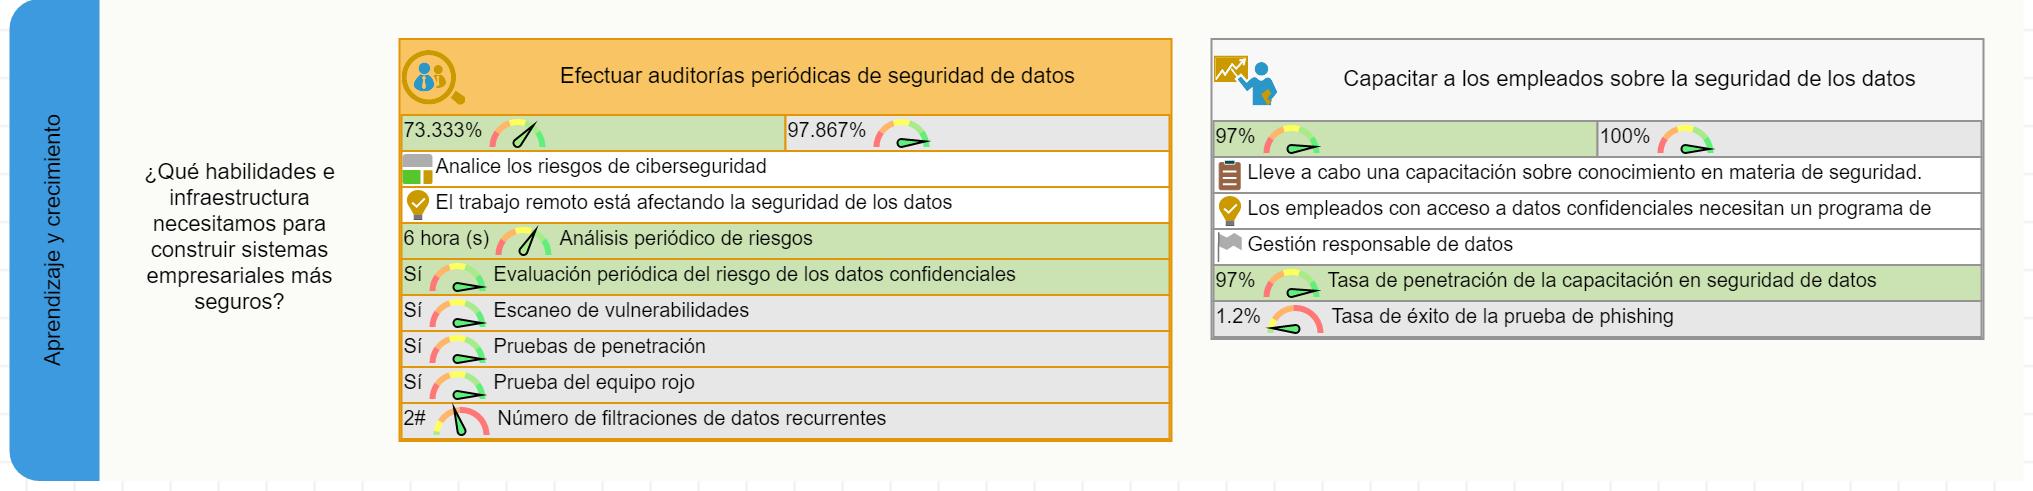 Perspectiva de aprendizaje del cuadro de mando de seguridad de datos